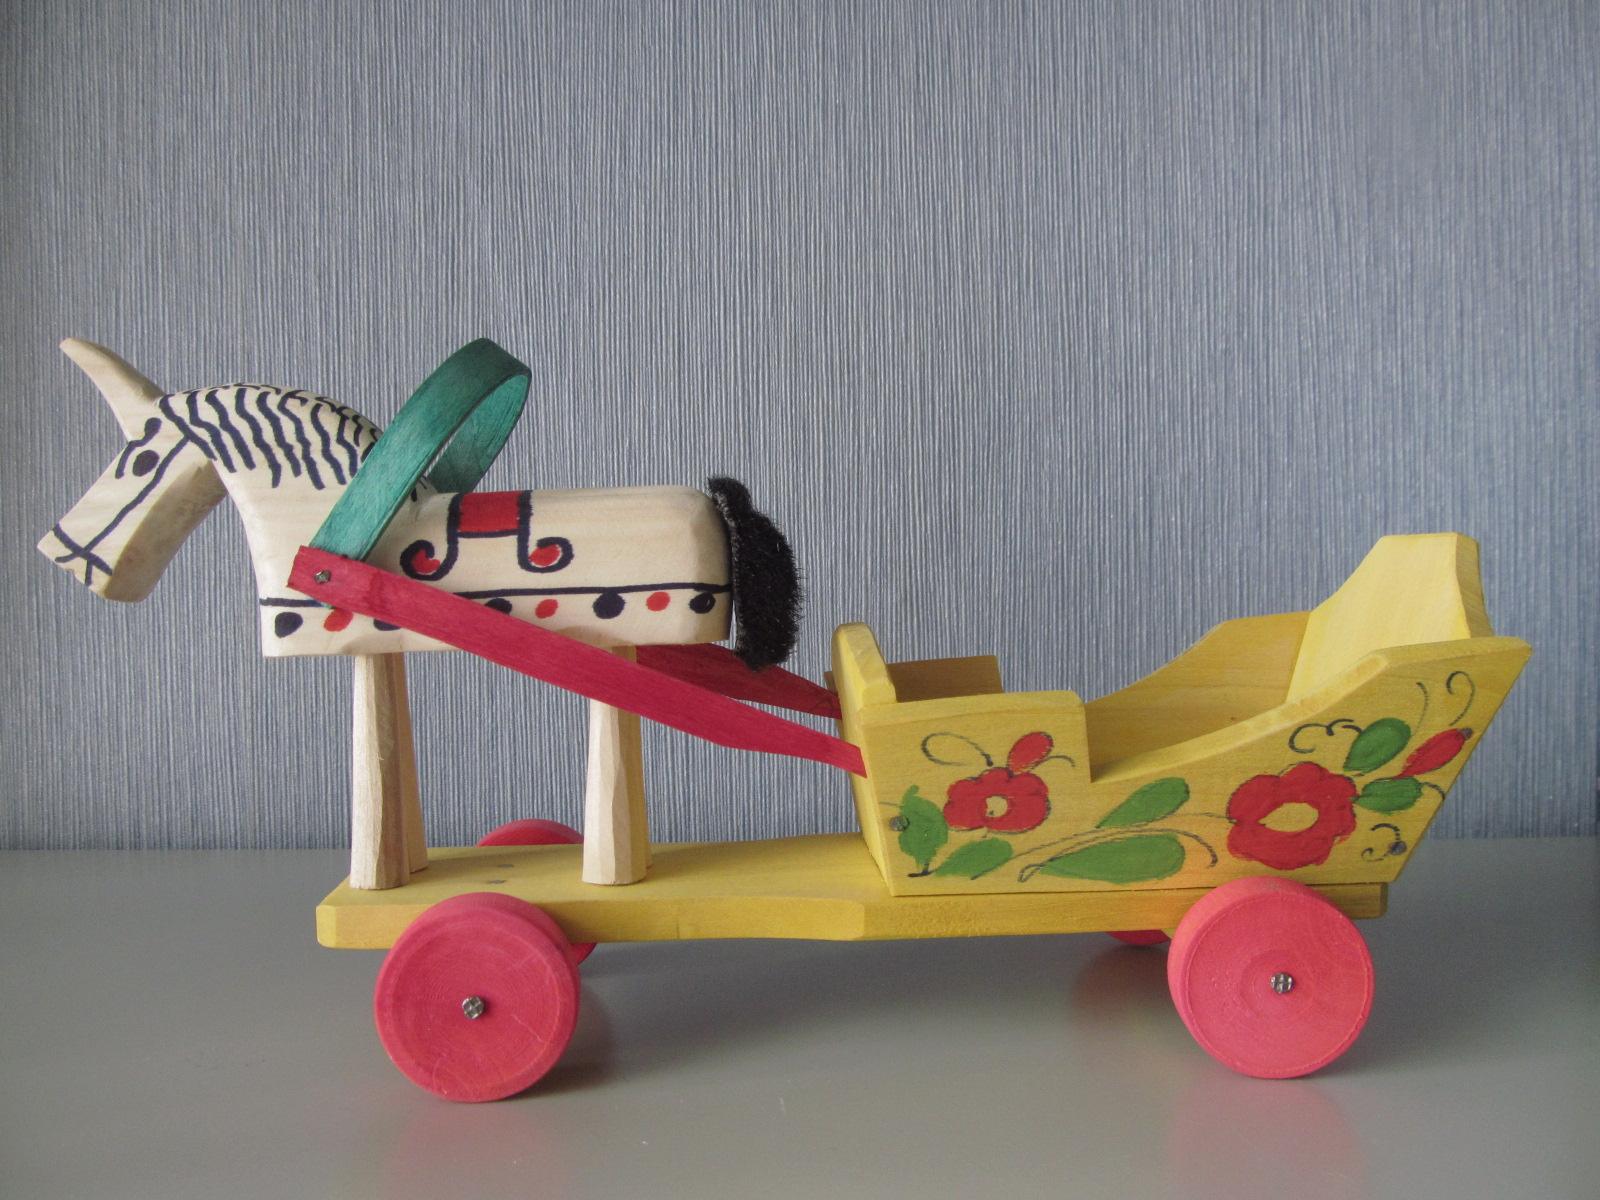 Выставка «В каждой избушке свои тарарушки. Нижегородская деревянная игрушка» – события на сайте «Московские Сезоны»